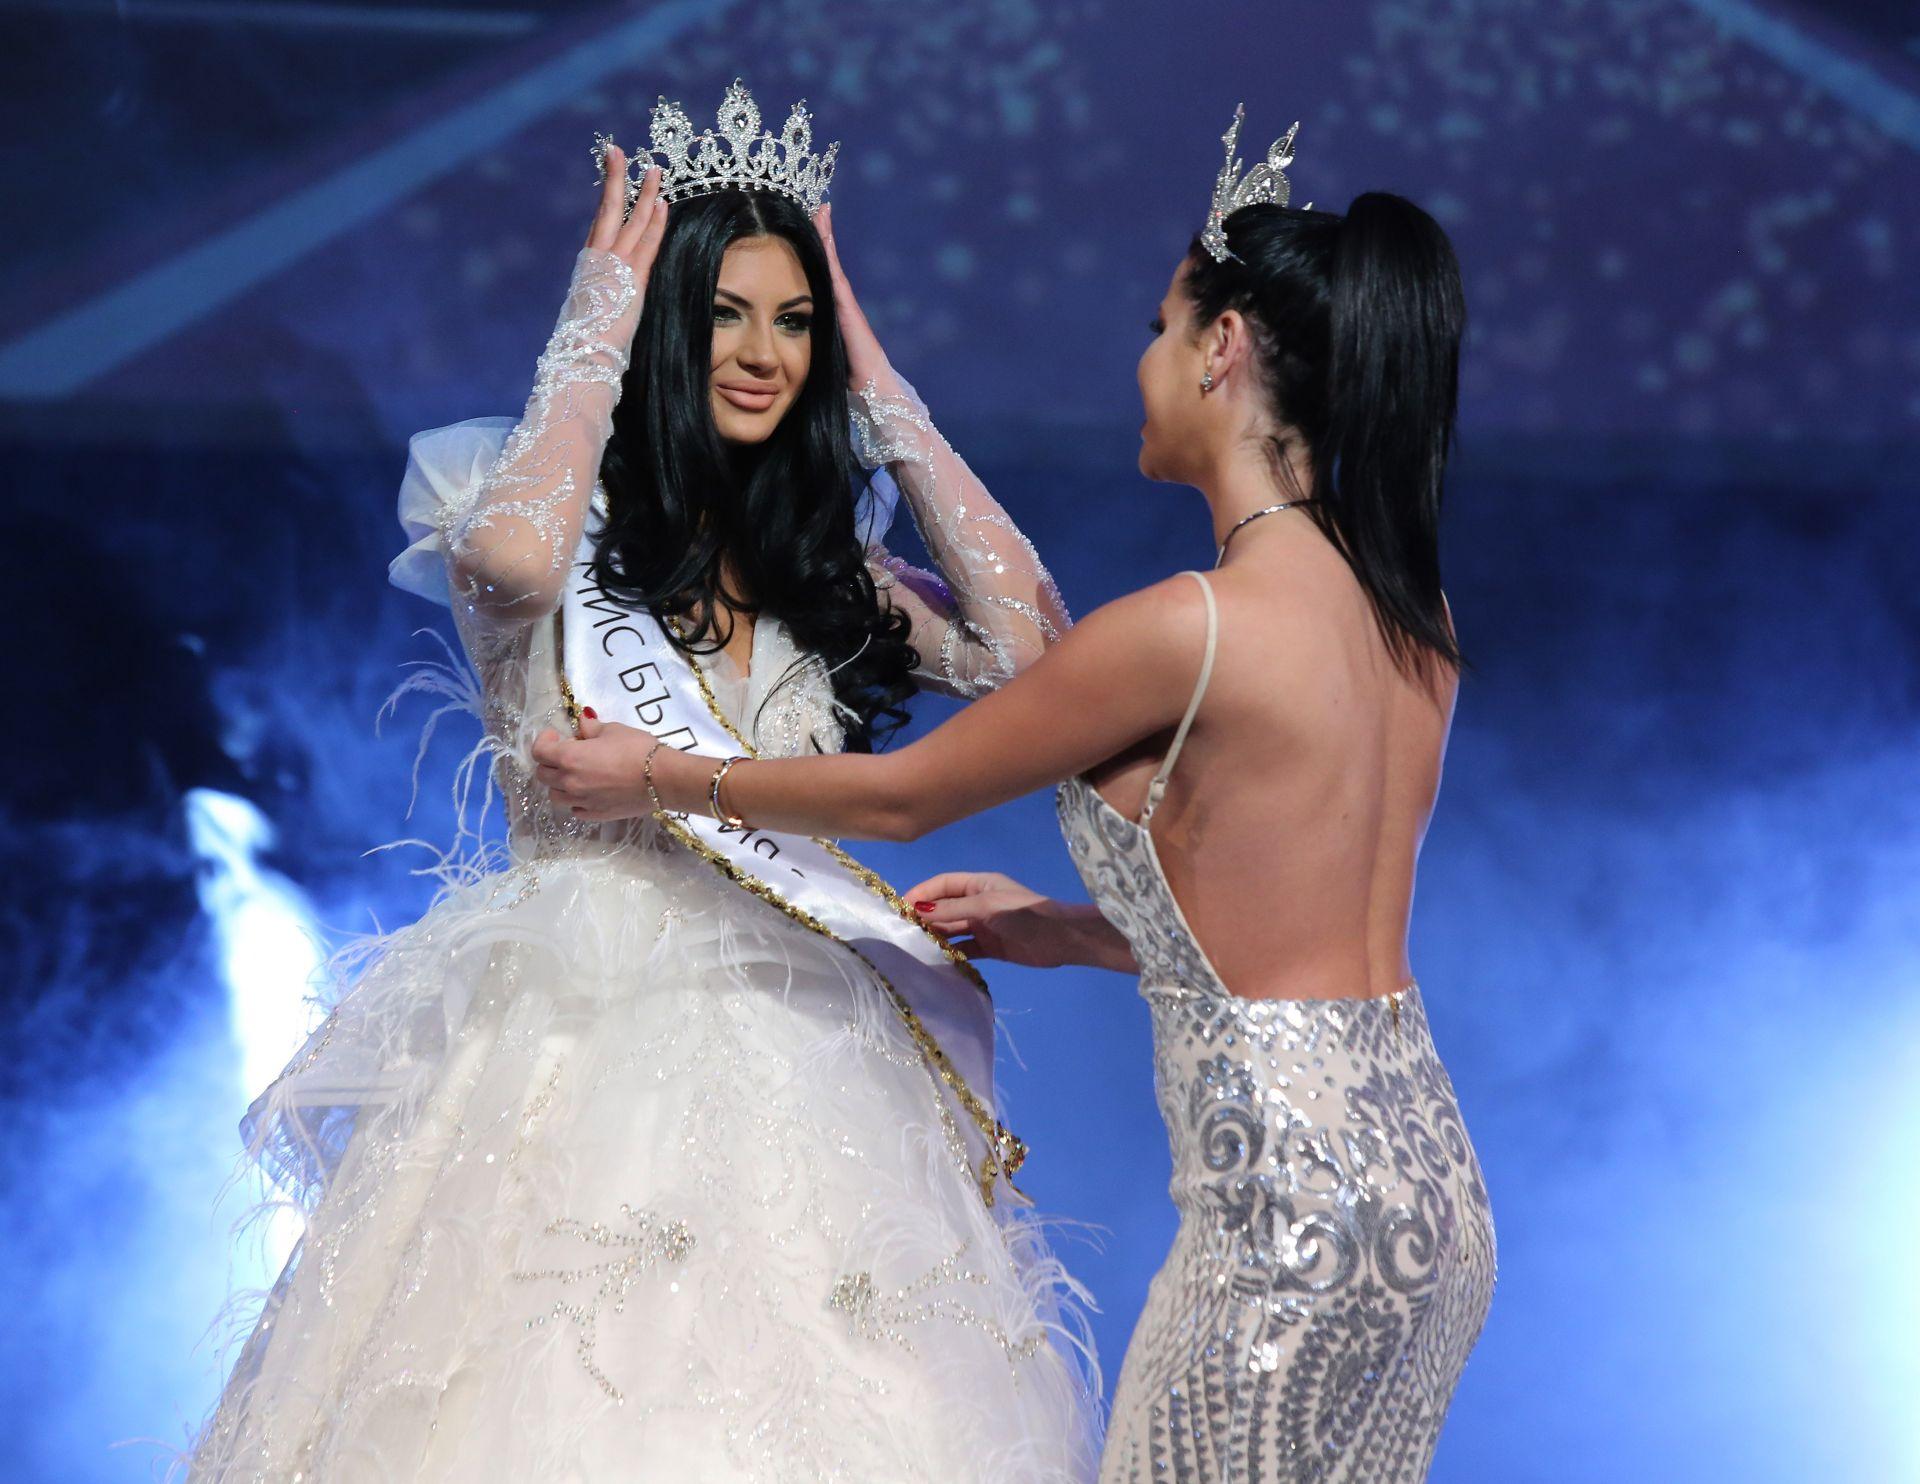 """Носителка на титлата """"Мис България"""" 2020 стана Венцислава Тафкова (вляво) на 21 години от Асеновград. Короната й бе връчена от миналогодишната носителка на титлата Радинела Чушева"""